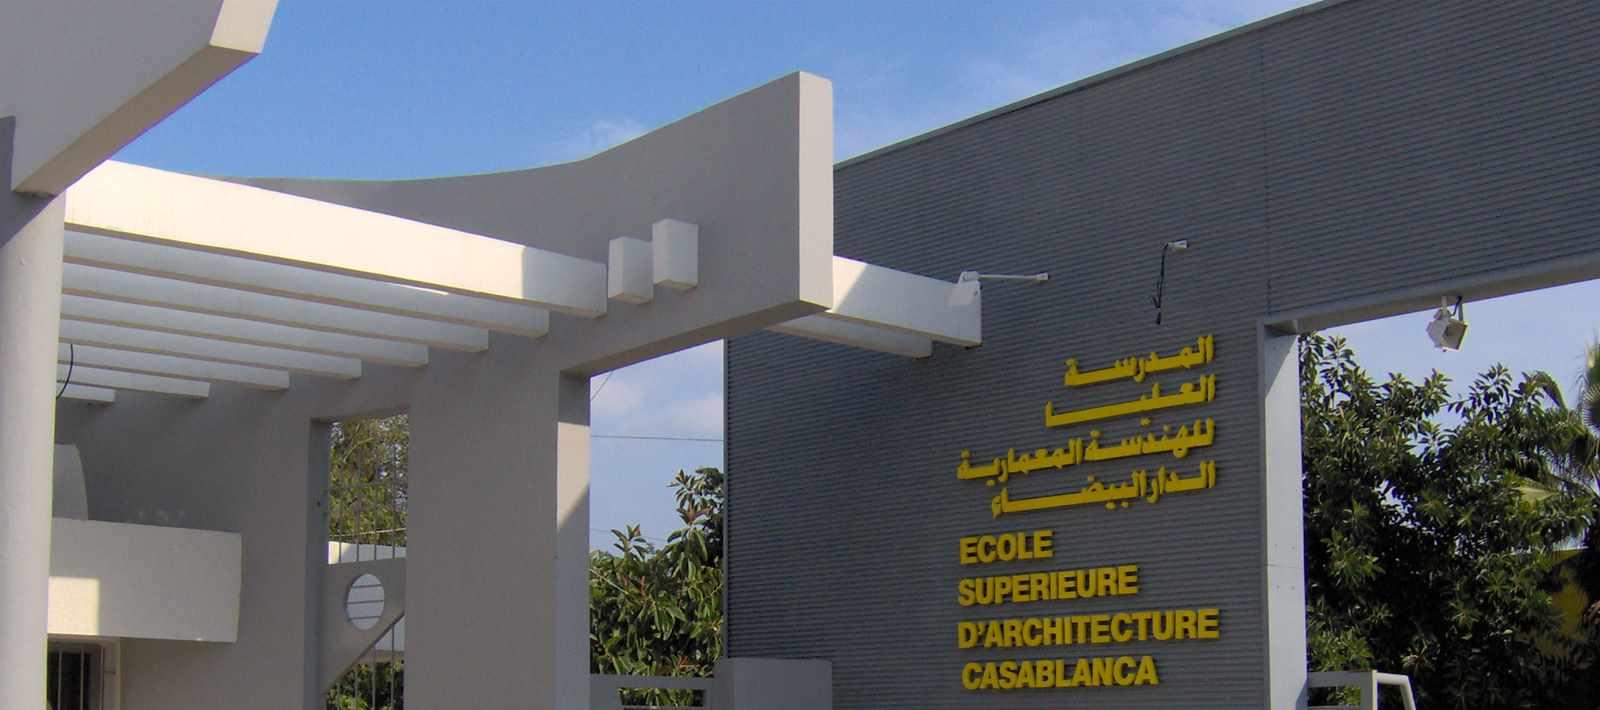 Ecole Supérieure d'Architecture (EAC)